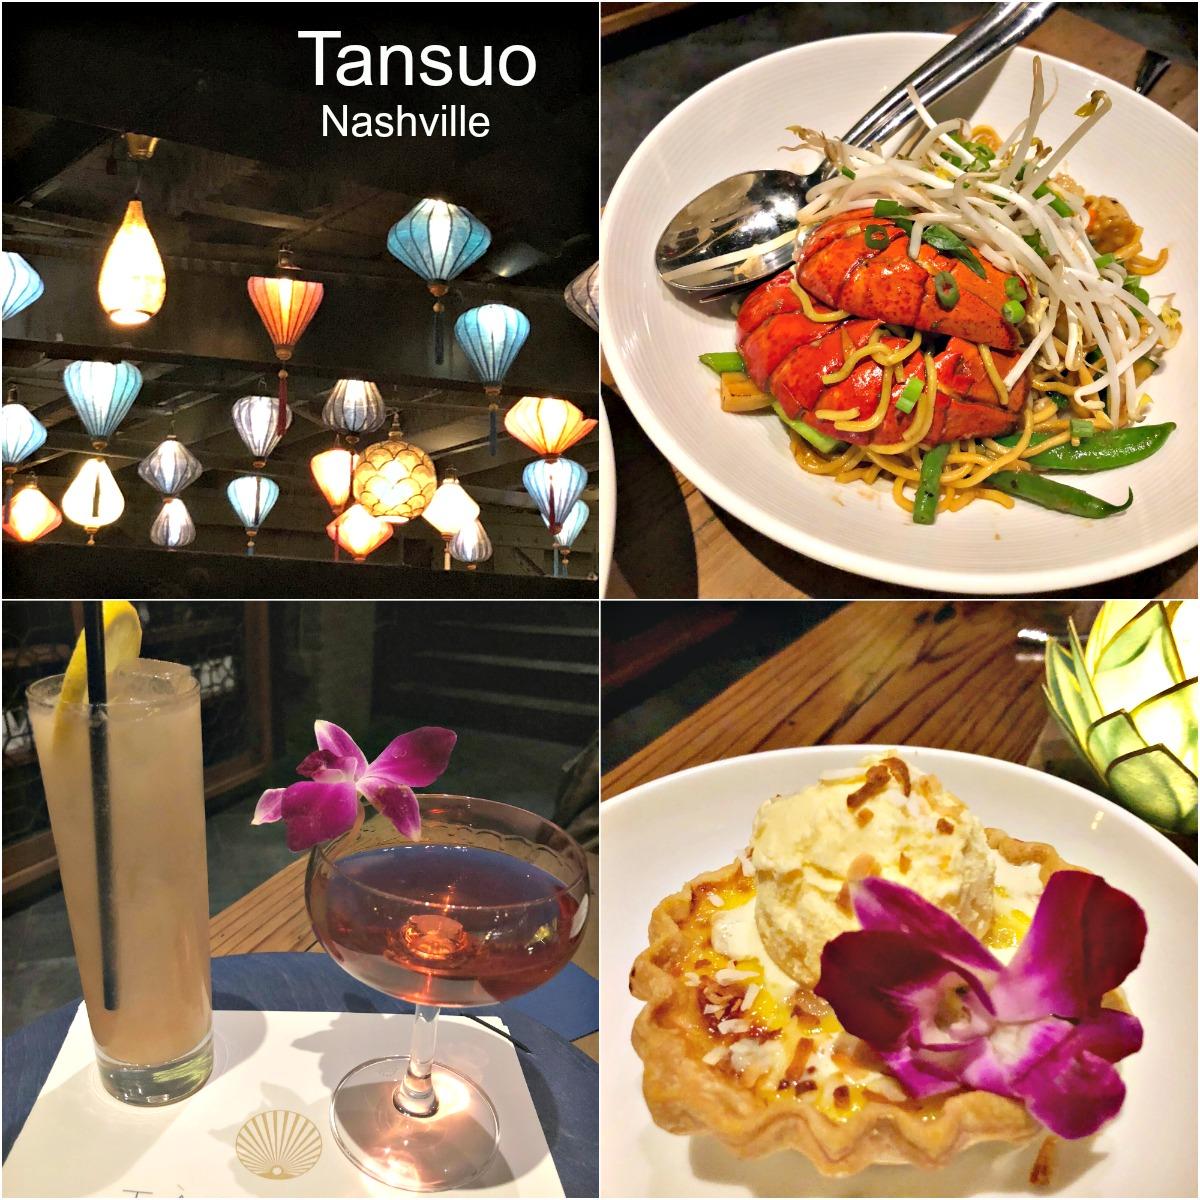 Nashville Restaurants: Tansuo from Spinach Tiger